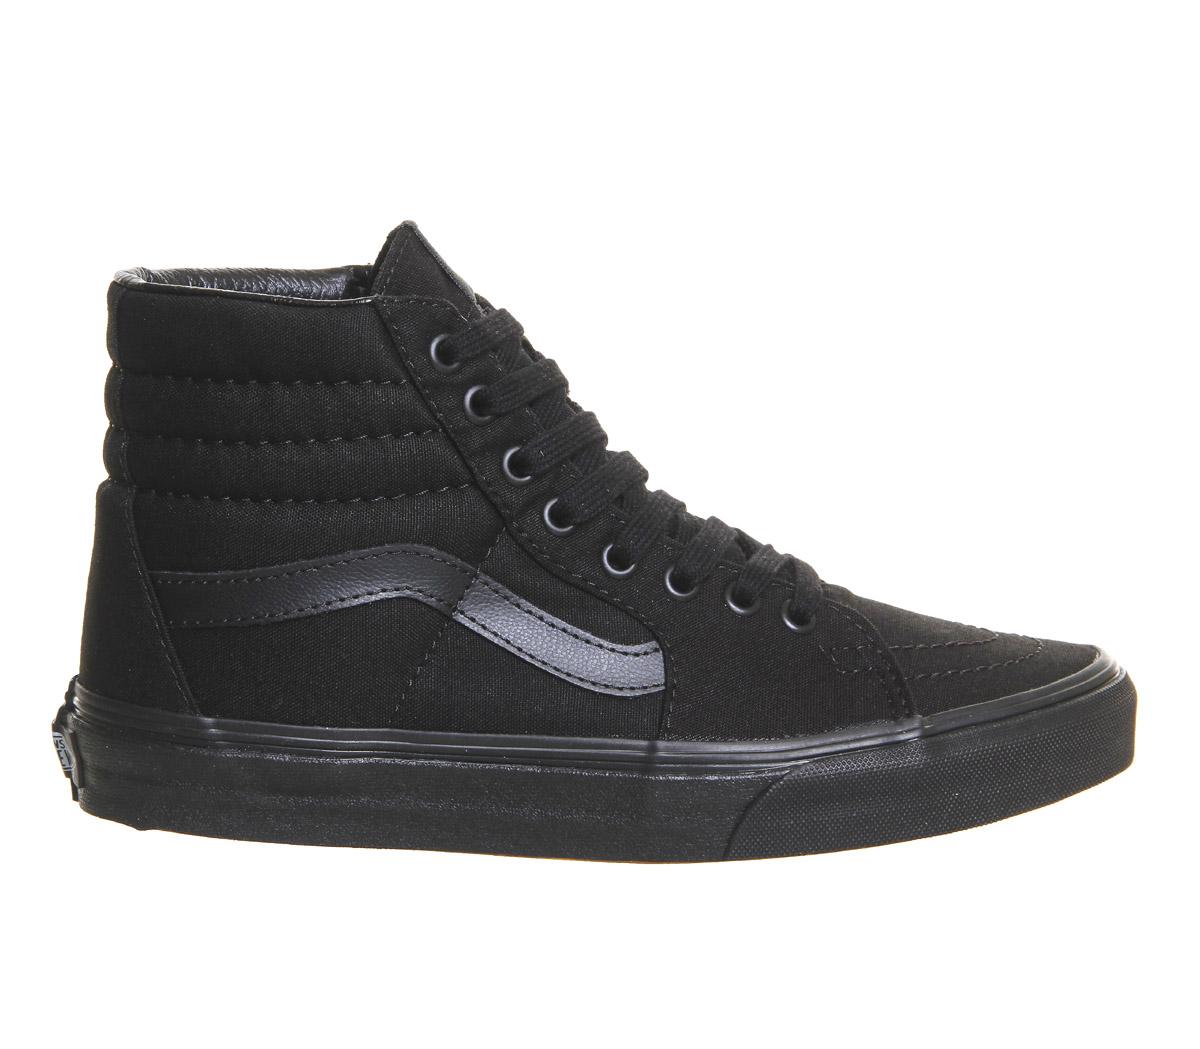 Chaussures Femme Vans Sk8 Hi Noir Noir Noir Mono Baskets Chaussures ad8345